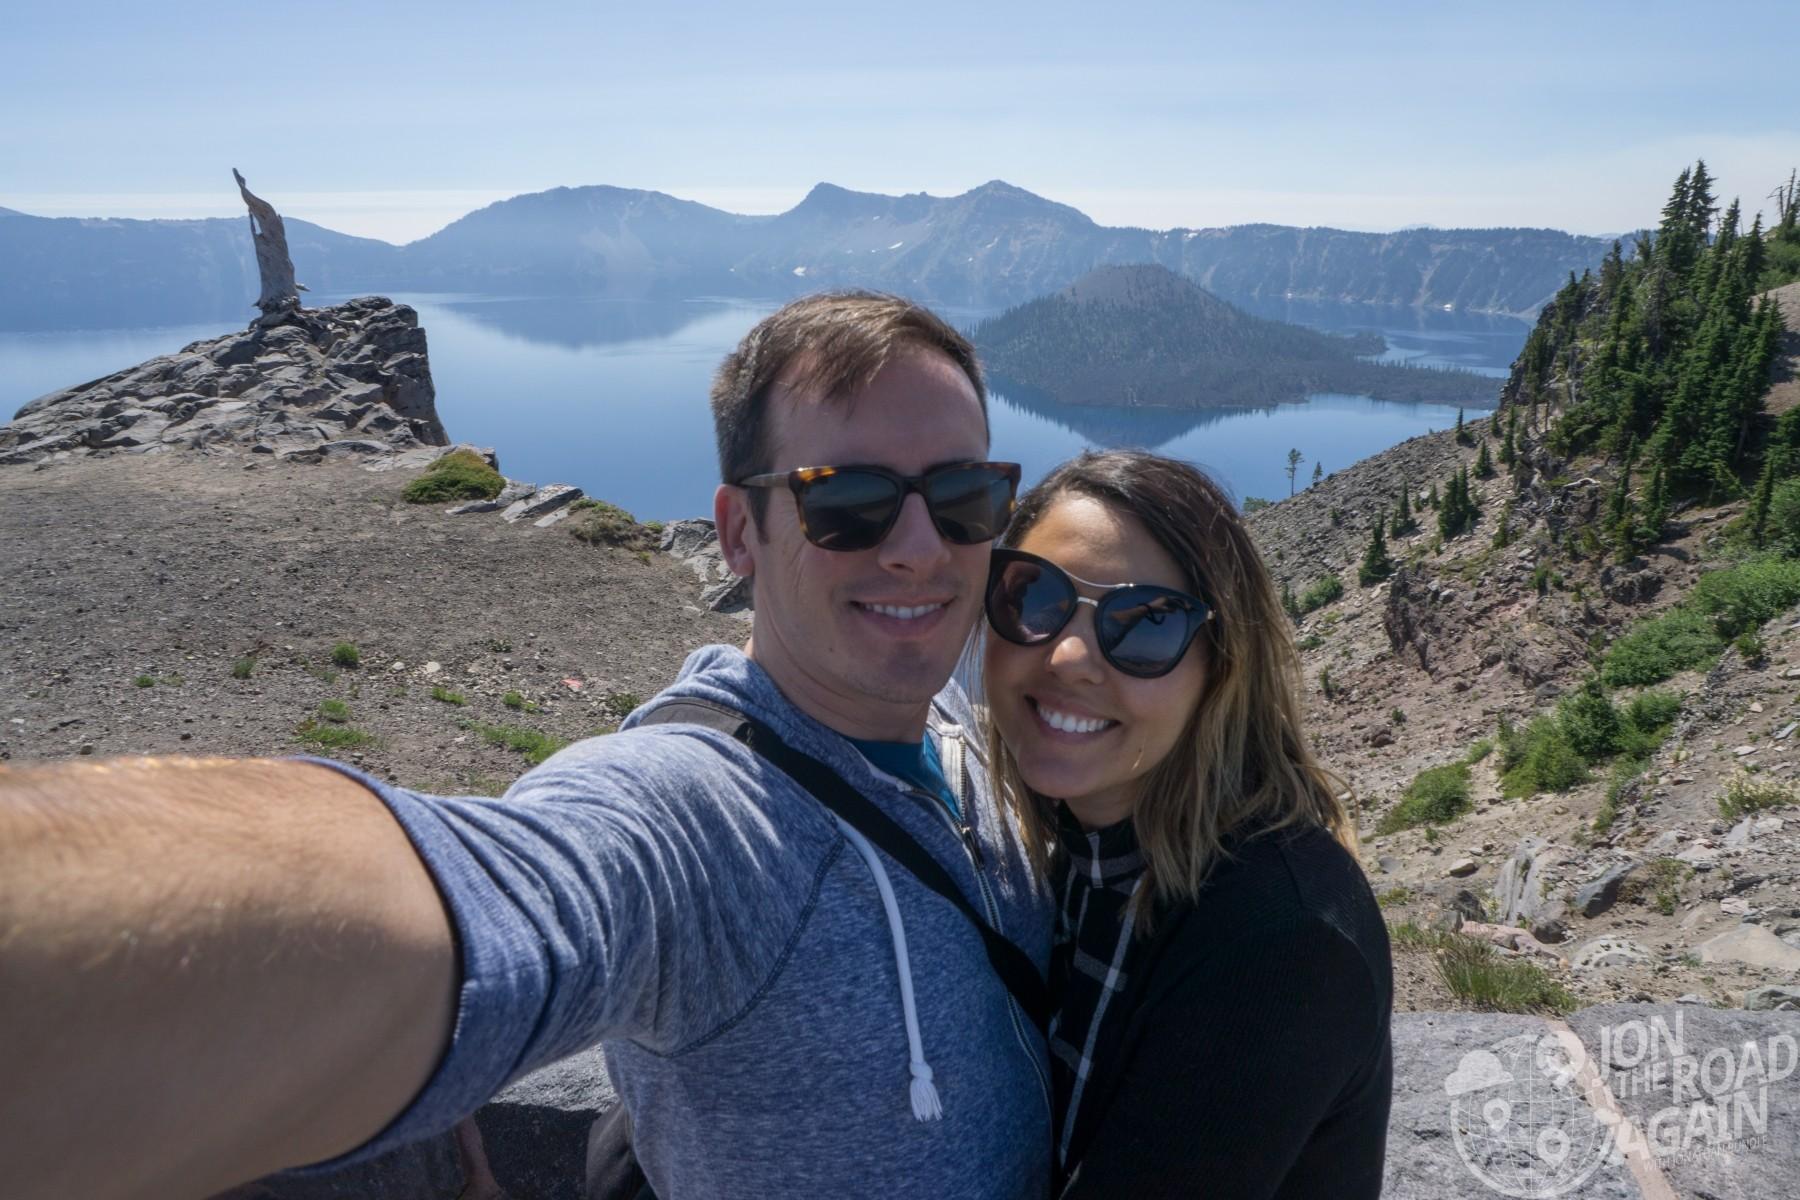 selfie at Crater Lake